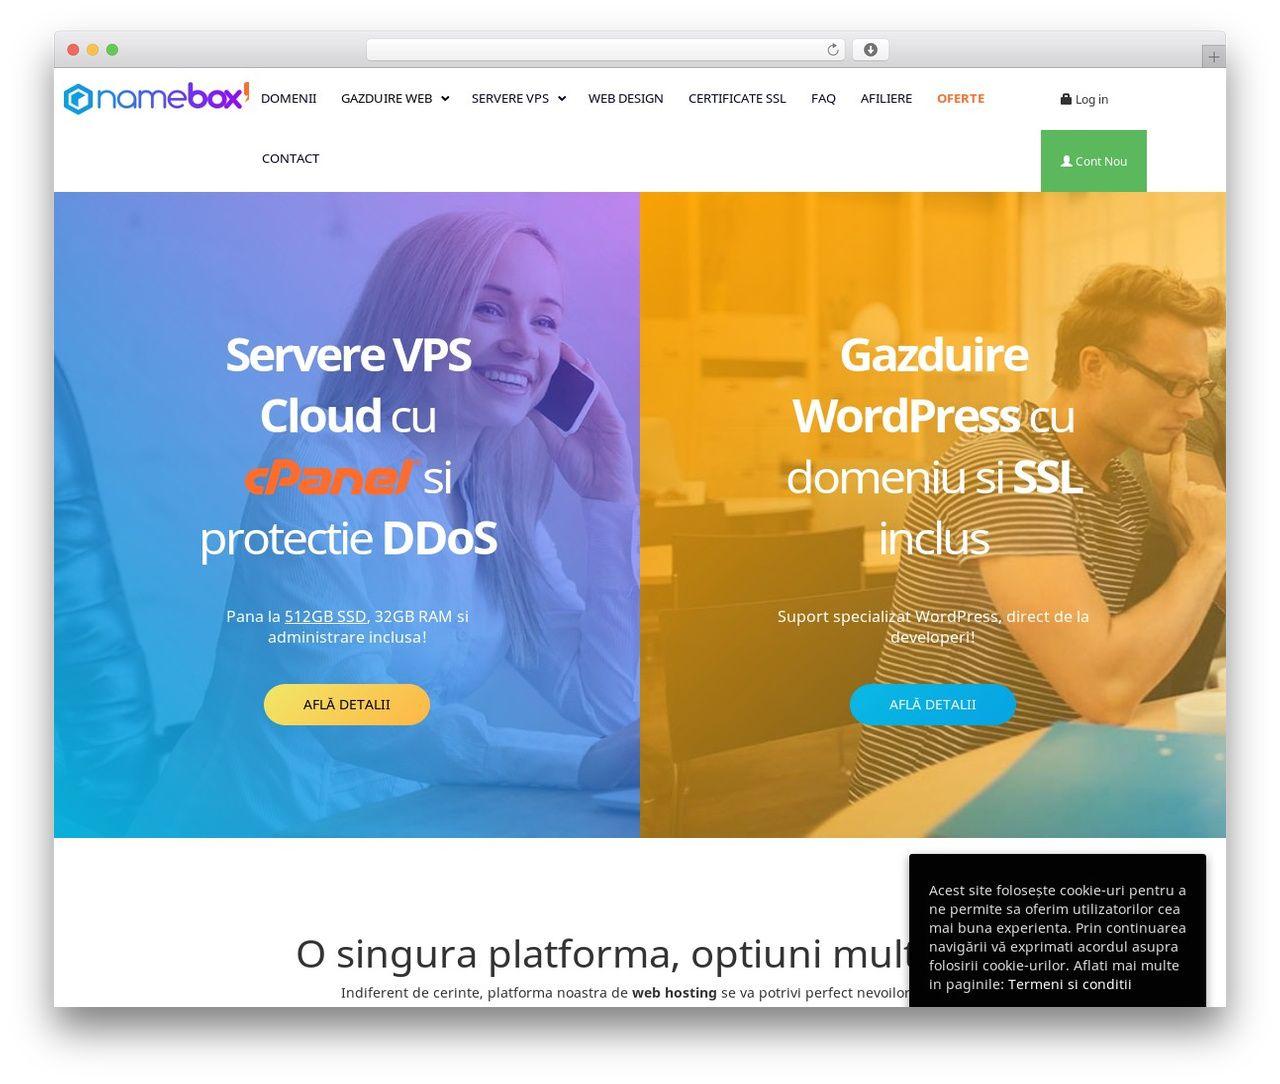 Namebox Best Wordpress Theme Namebox Ro In 2020 Best Wordpress Themes Wordpress Theme Wordpress